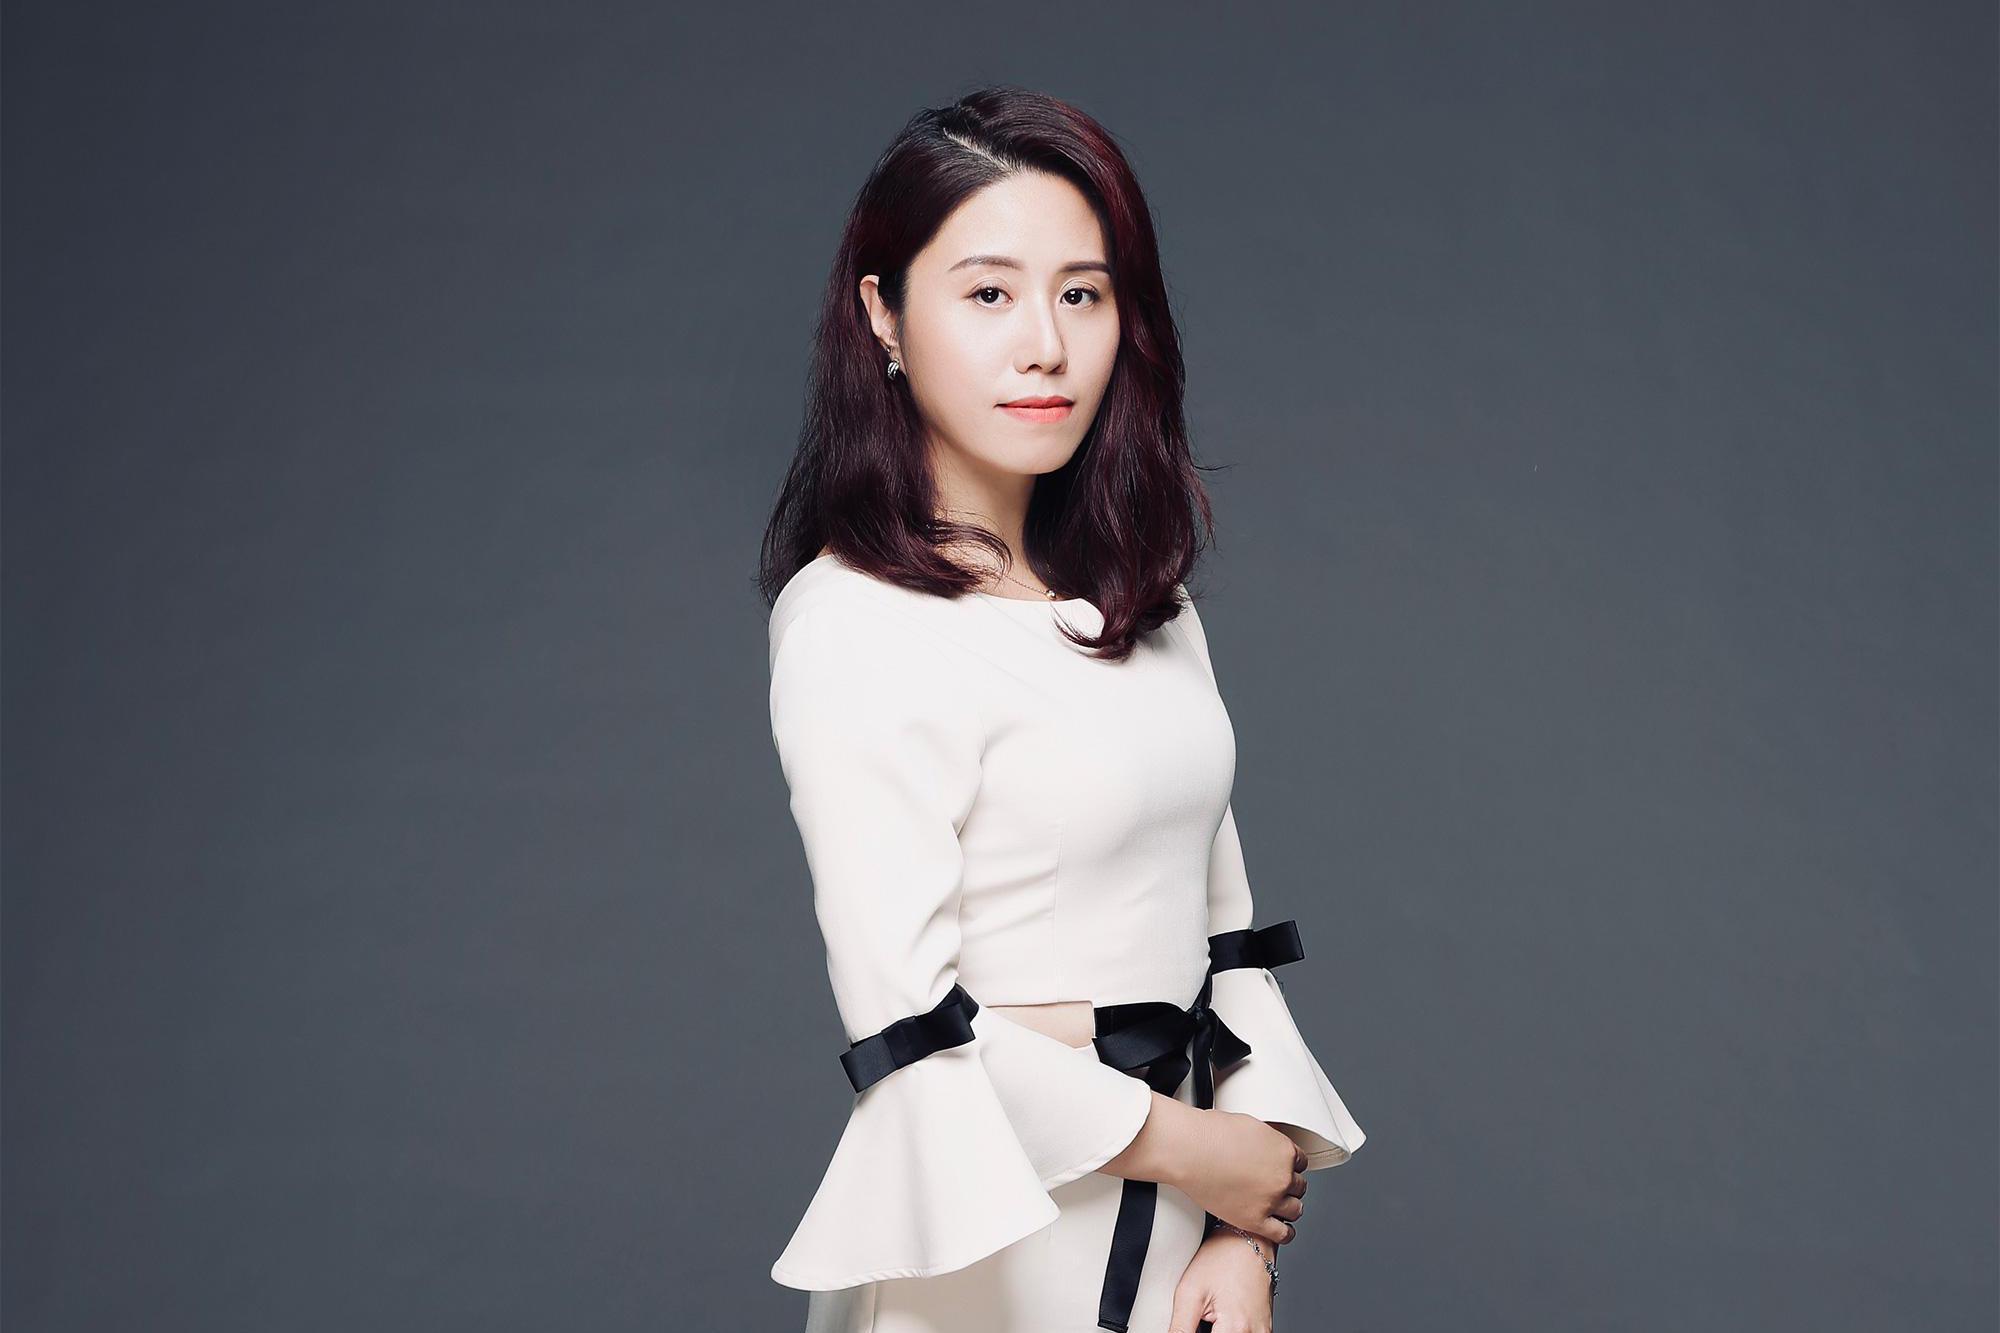 喜马拉雅酒店集团任命刘津英女士为重庆喜马拉雅服务公寓总经理